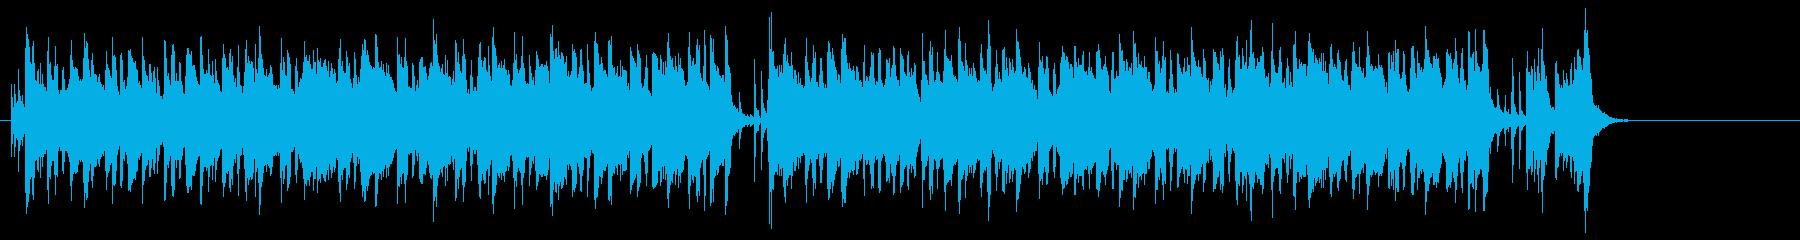 大江戸長屋のおおらかな和風ポップスの再生済みの波形